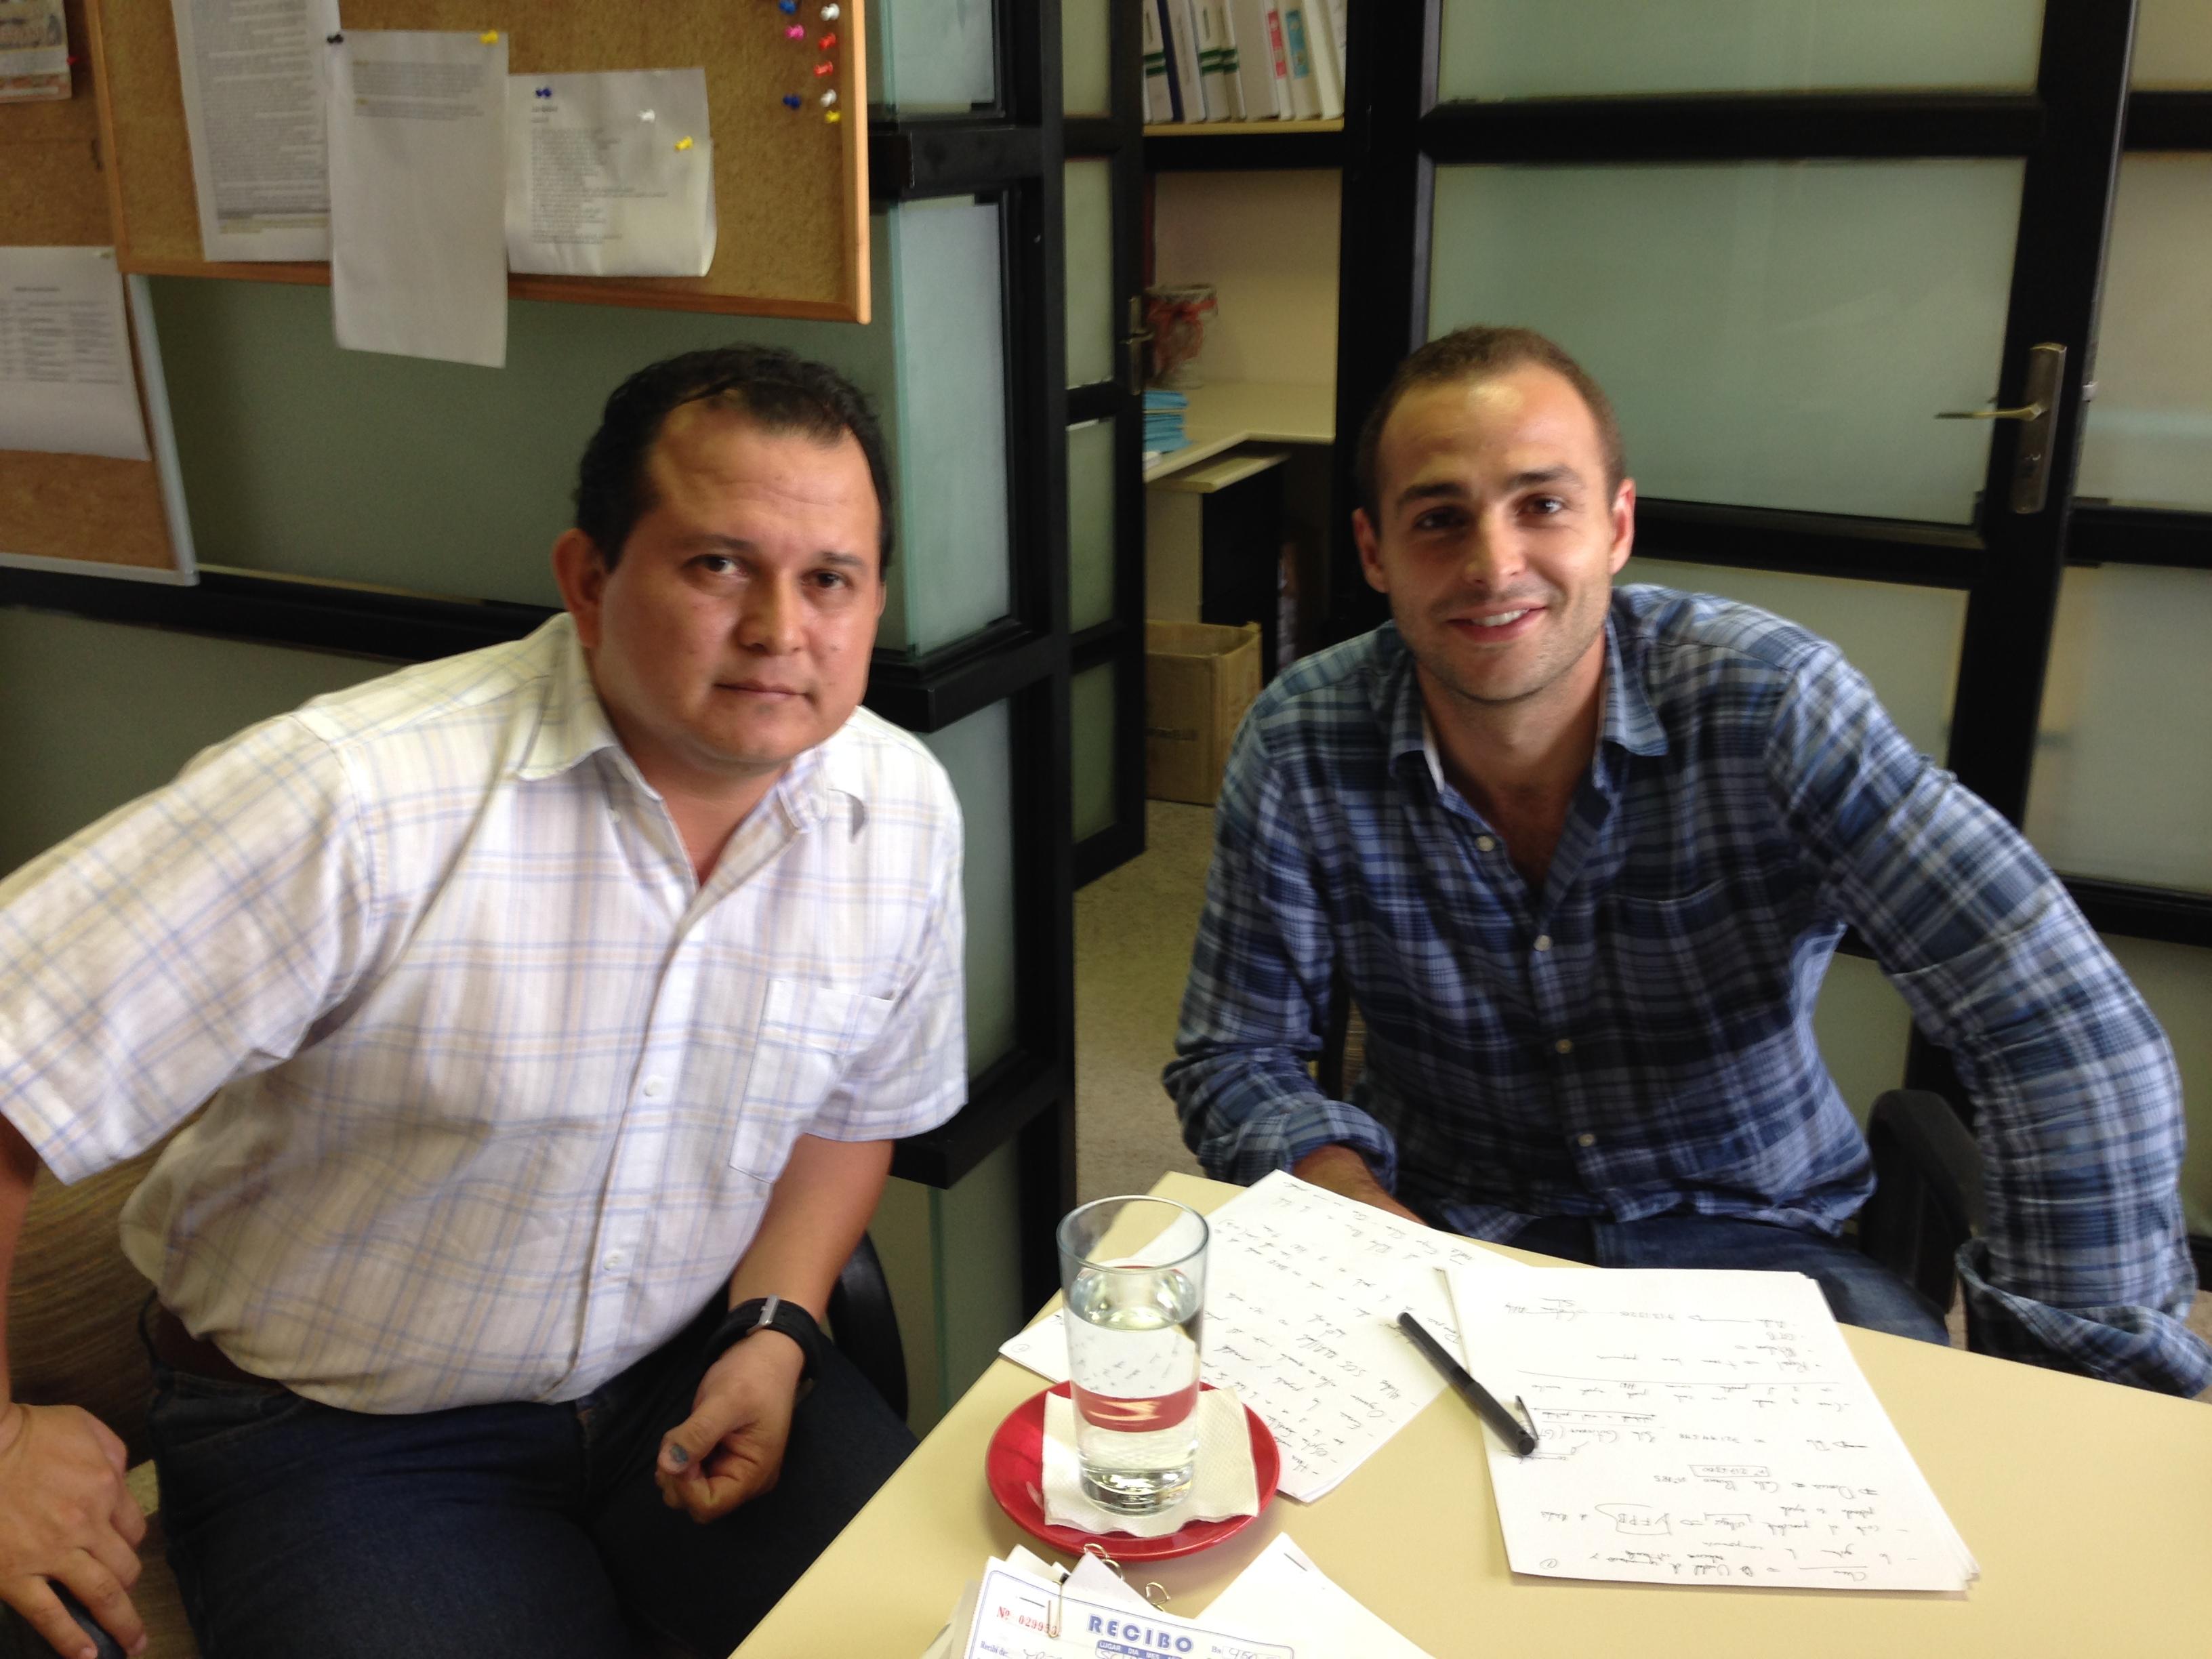 Con Álvaro Ayala (Jefe de la Unidad de Comunicación y Relaciones Institucionales) de IPFB Chaco S.A.